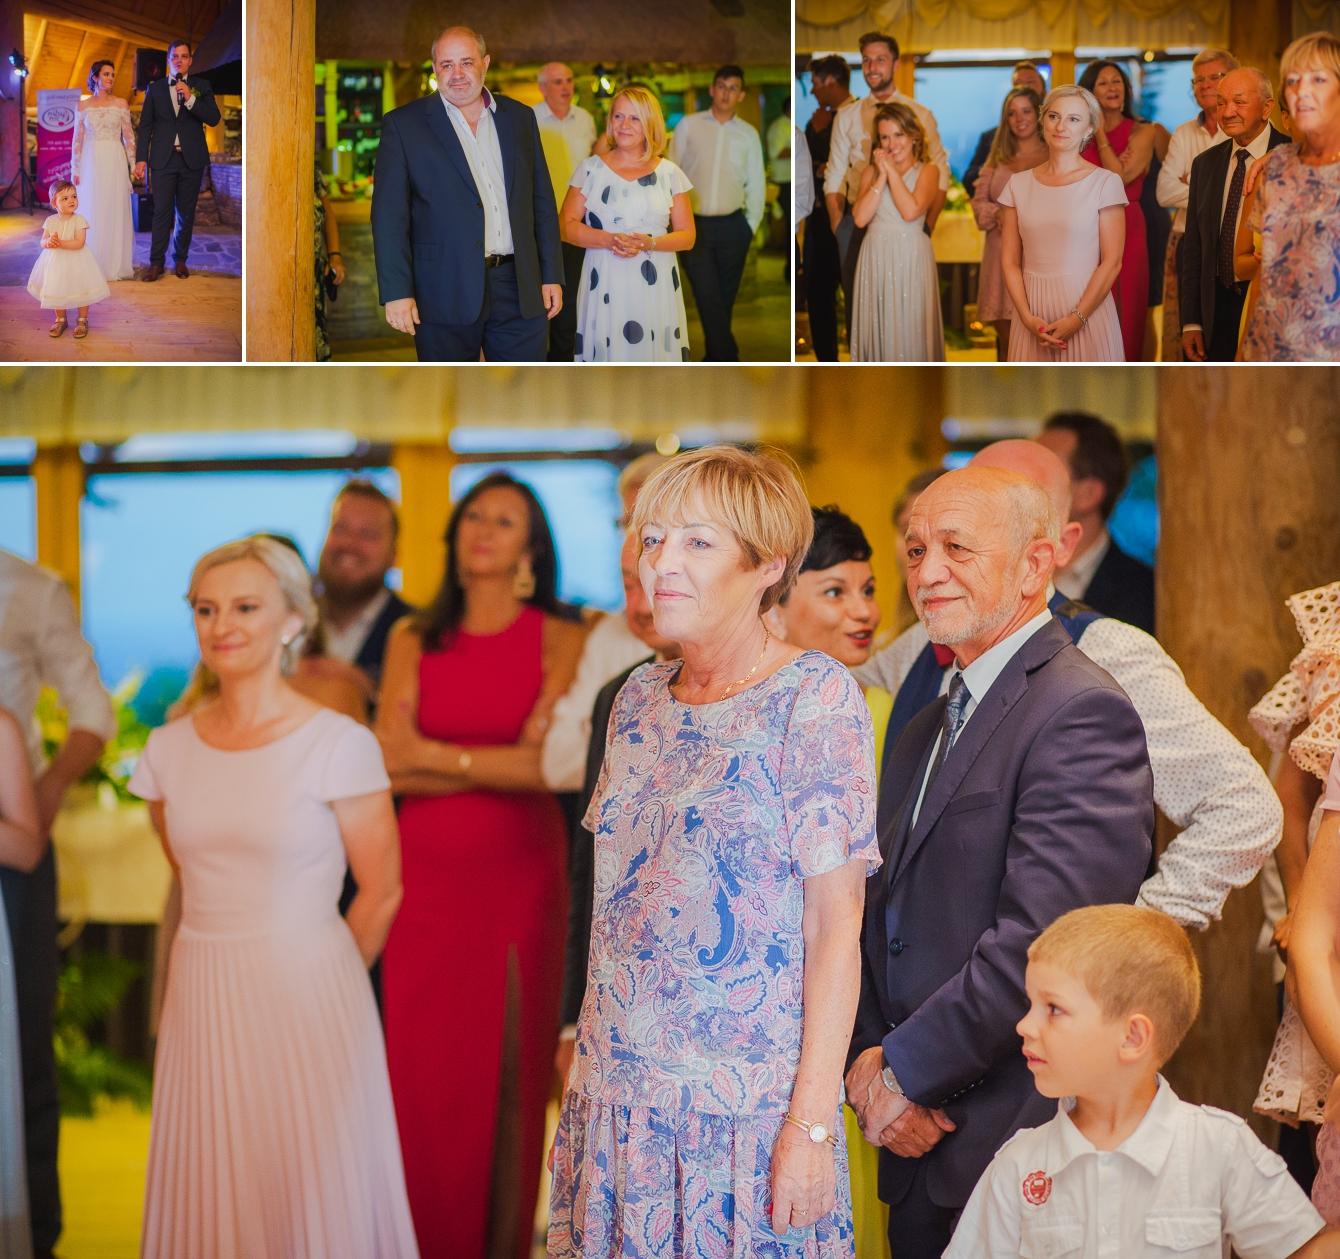 Ania i Damian - ślub w górach - Kocierz SPA - fotografia ślubna - bartek Wyrobek  (23).jpg